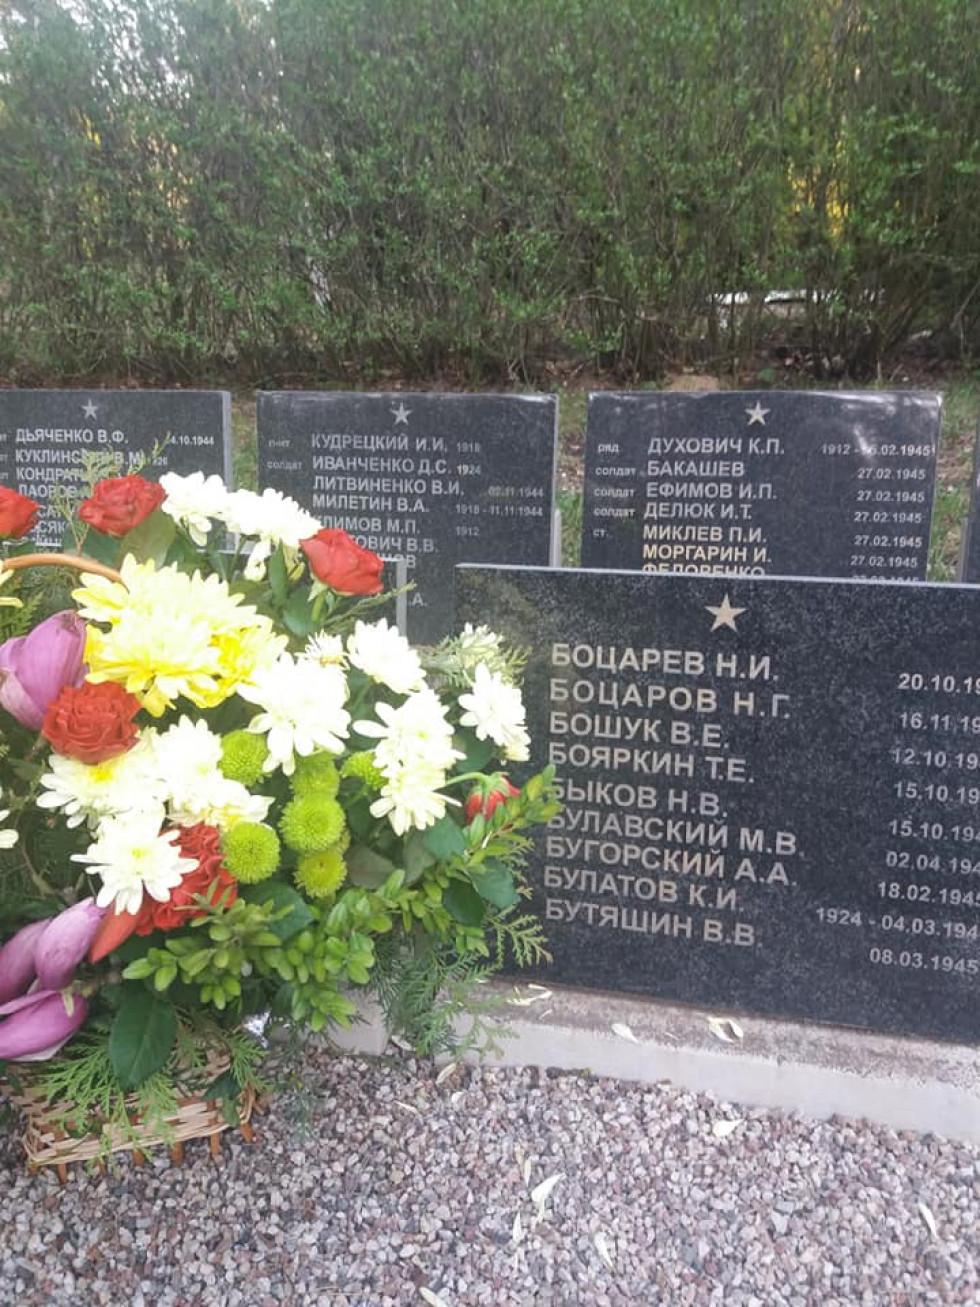 Стела з прізвищем Бощука Василя Юхимовича (російською - Ефимович) і квіти від рідних